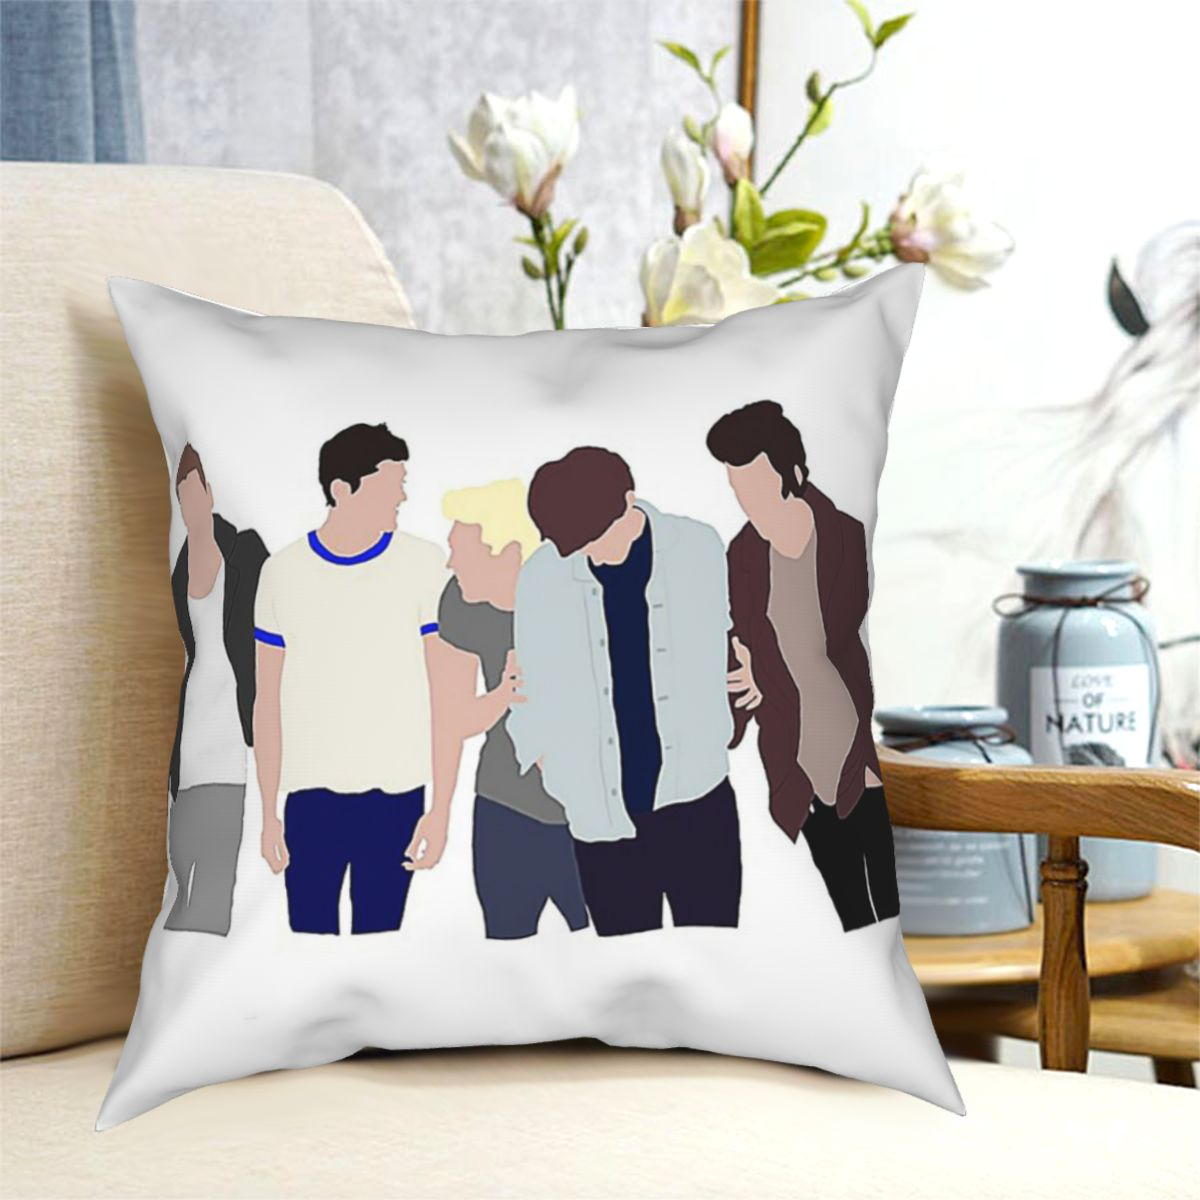 One DirectionOT5 Чехол на подушку с изображением полуночных воспоминаний, декоративная подушка, чехол, s Чехол, домашние диванные подушки 40x40,45x45 см чехол